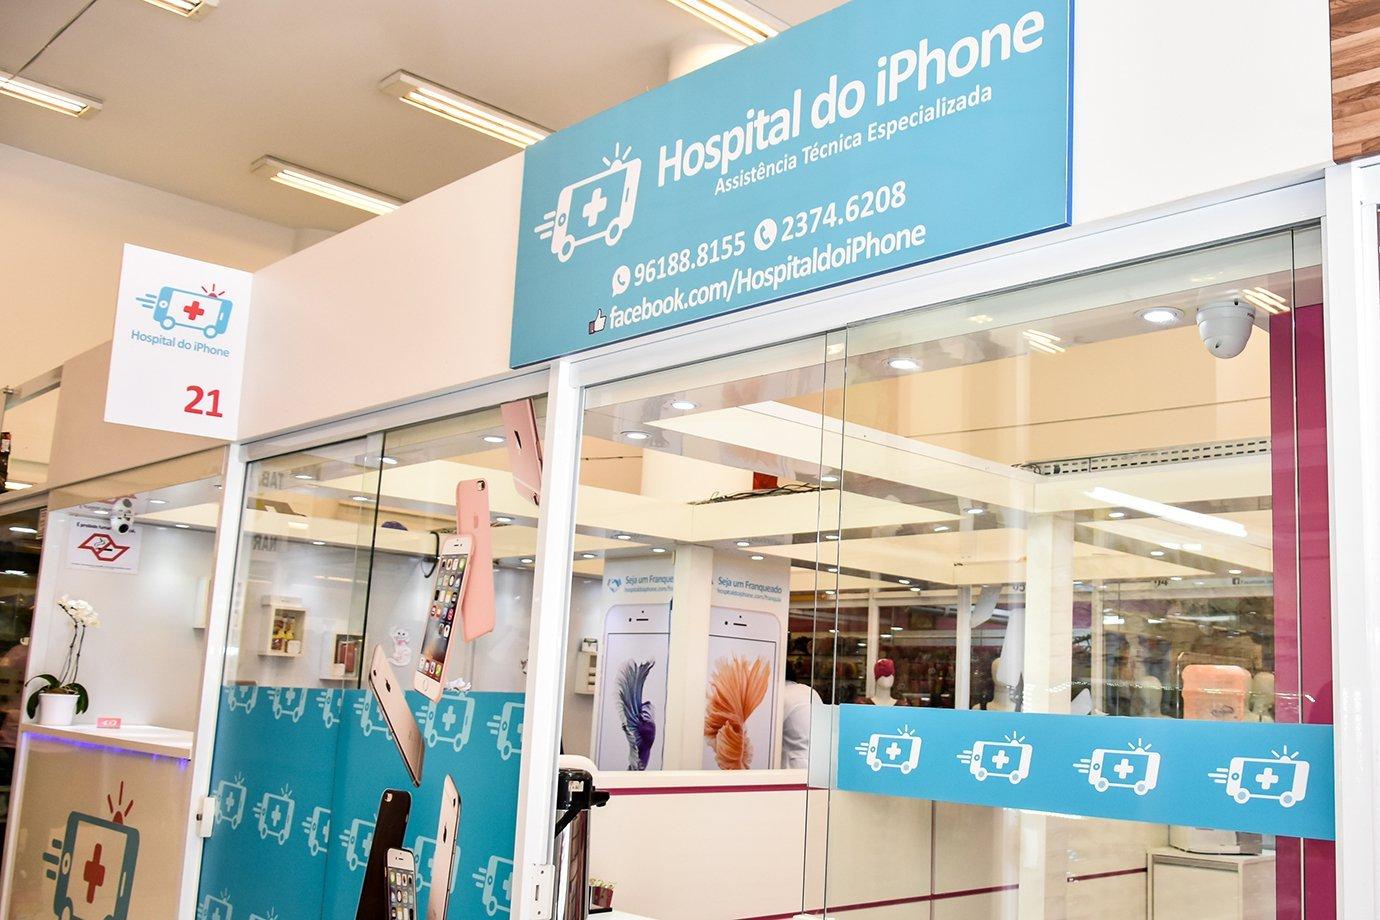 Hospital do iPhone